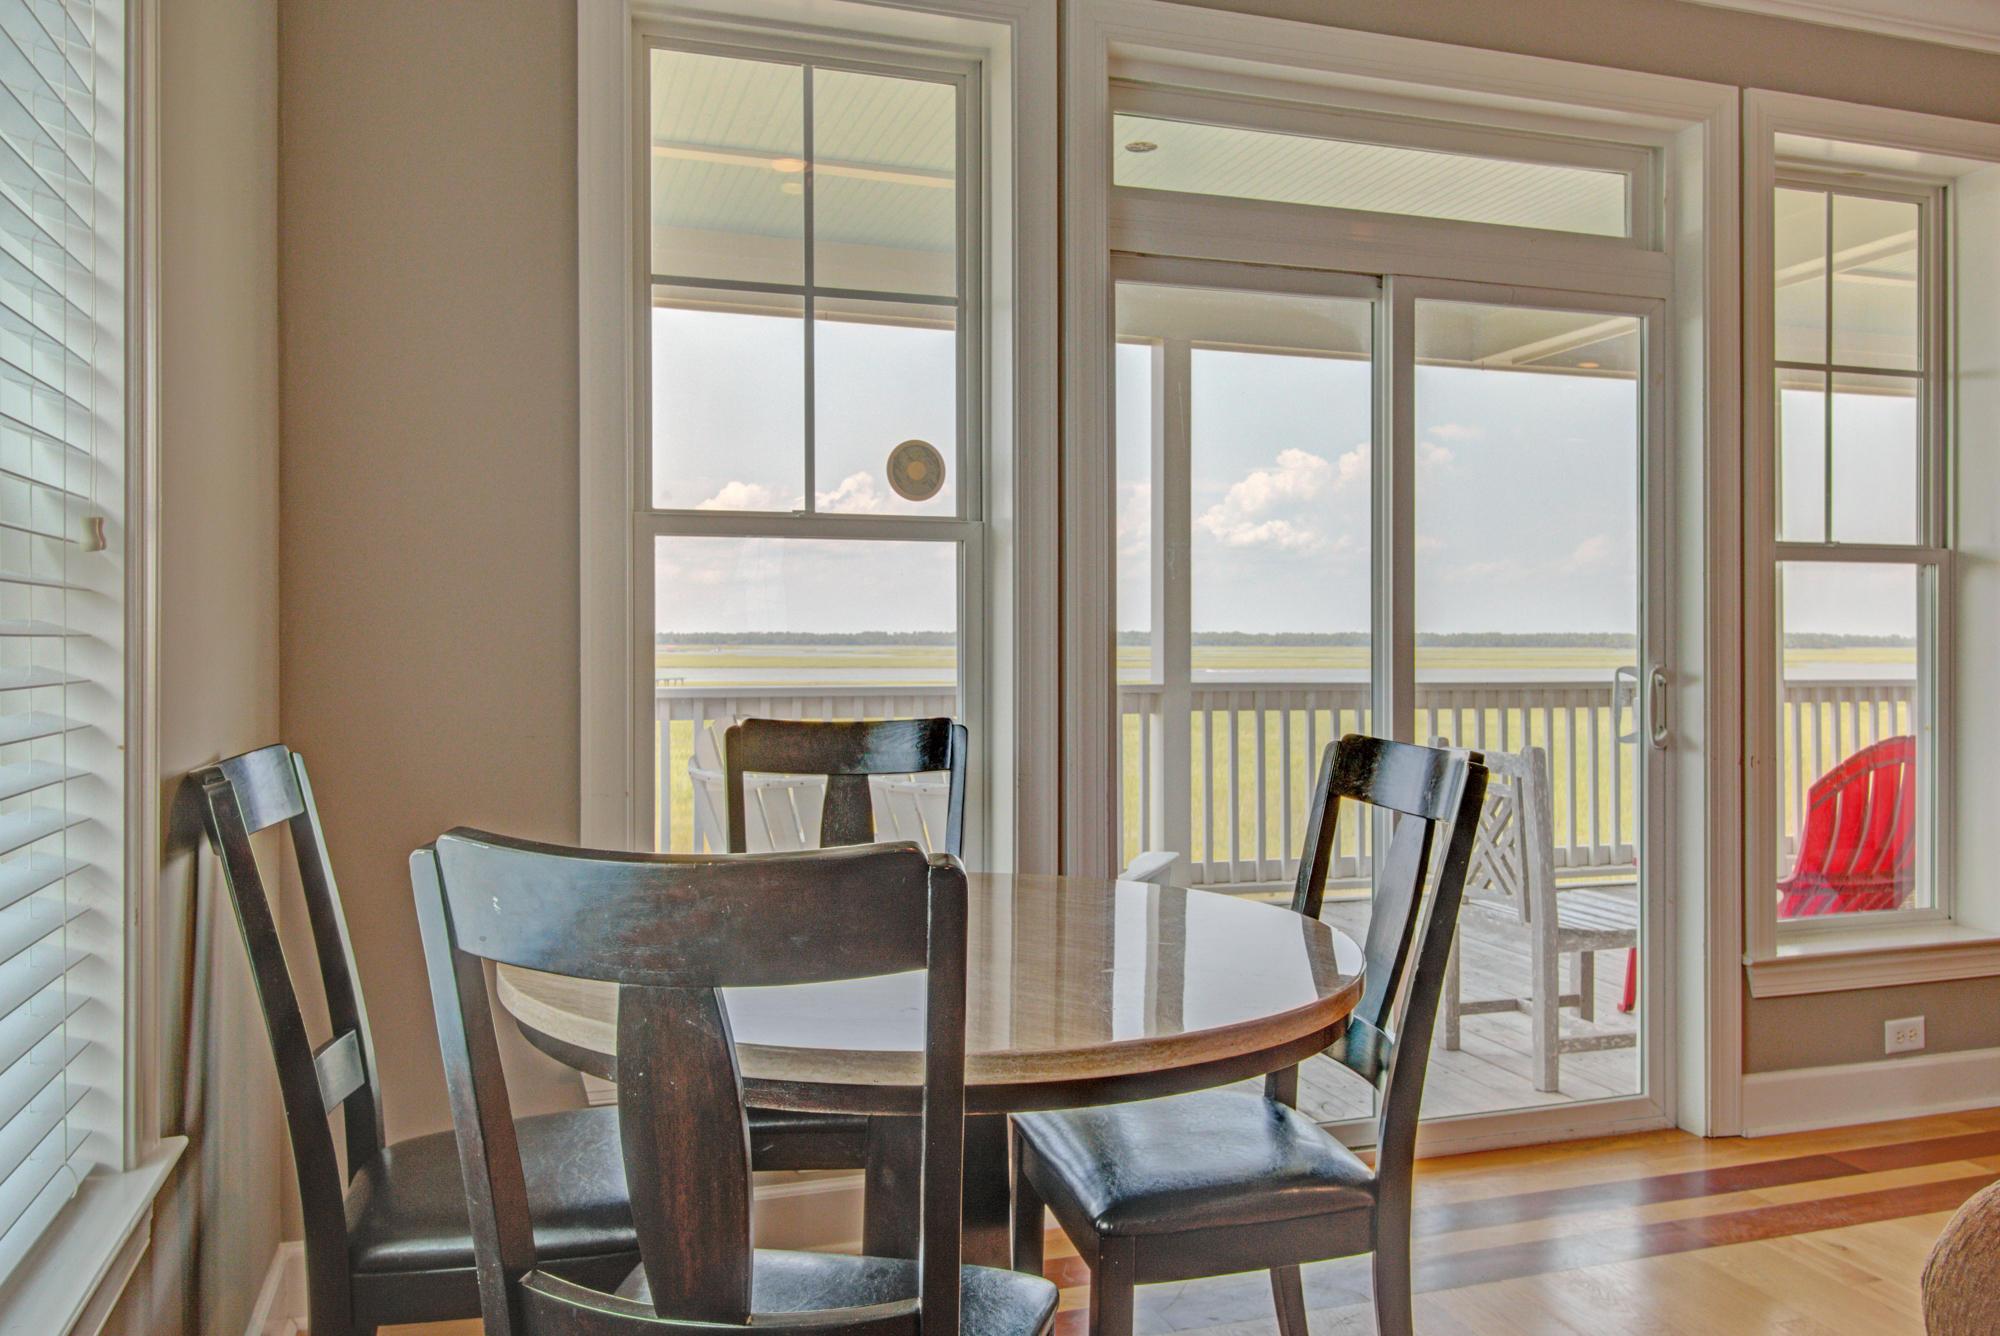 Folly Beach Homes For Sale - 616 Erie, Folly Beach, SC - 48